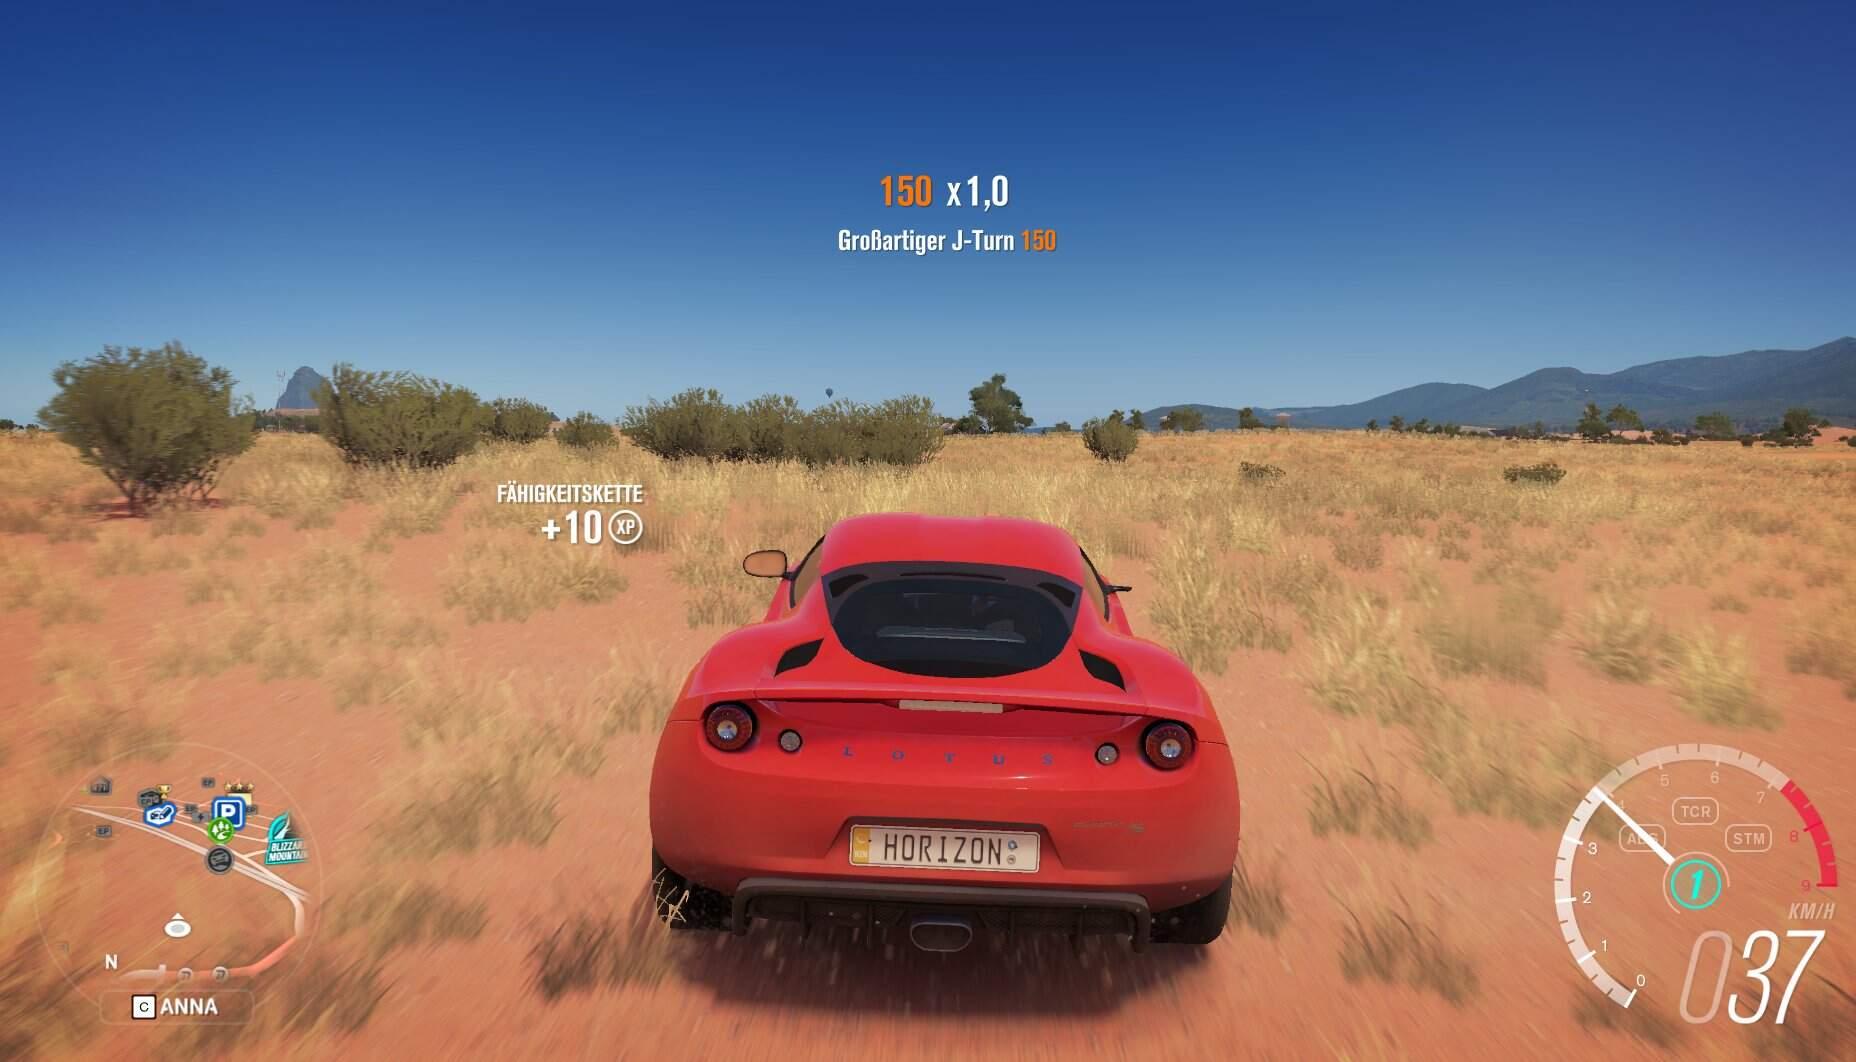 Forza Horizon 3 Forzathon J-Turn